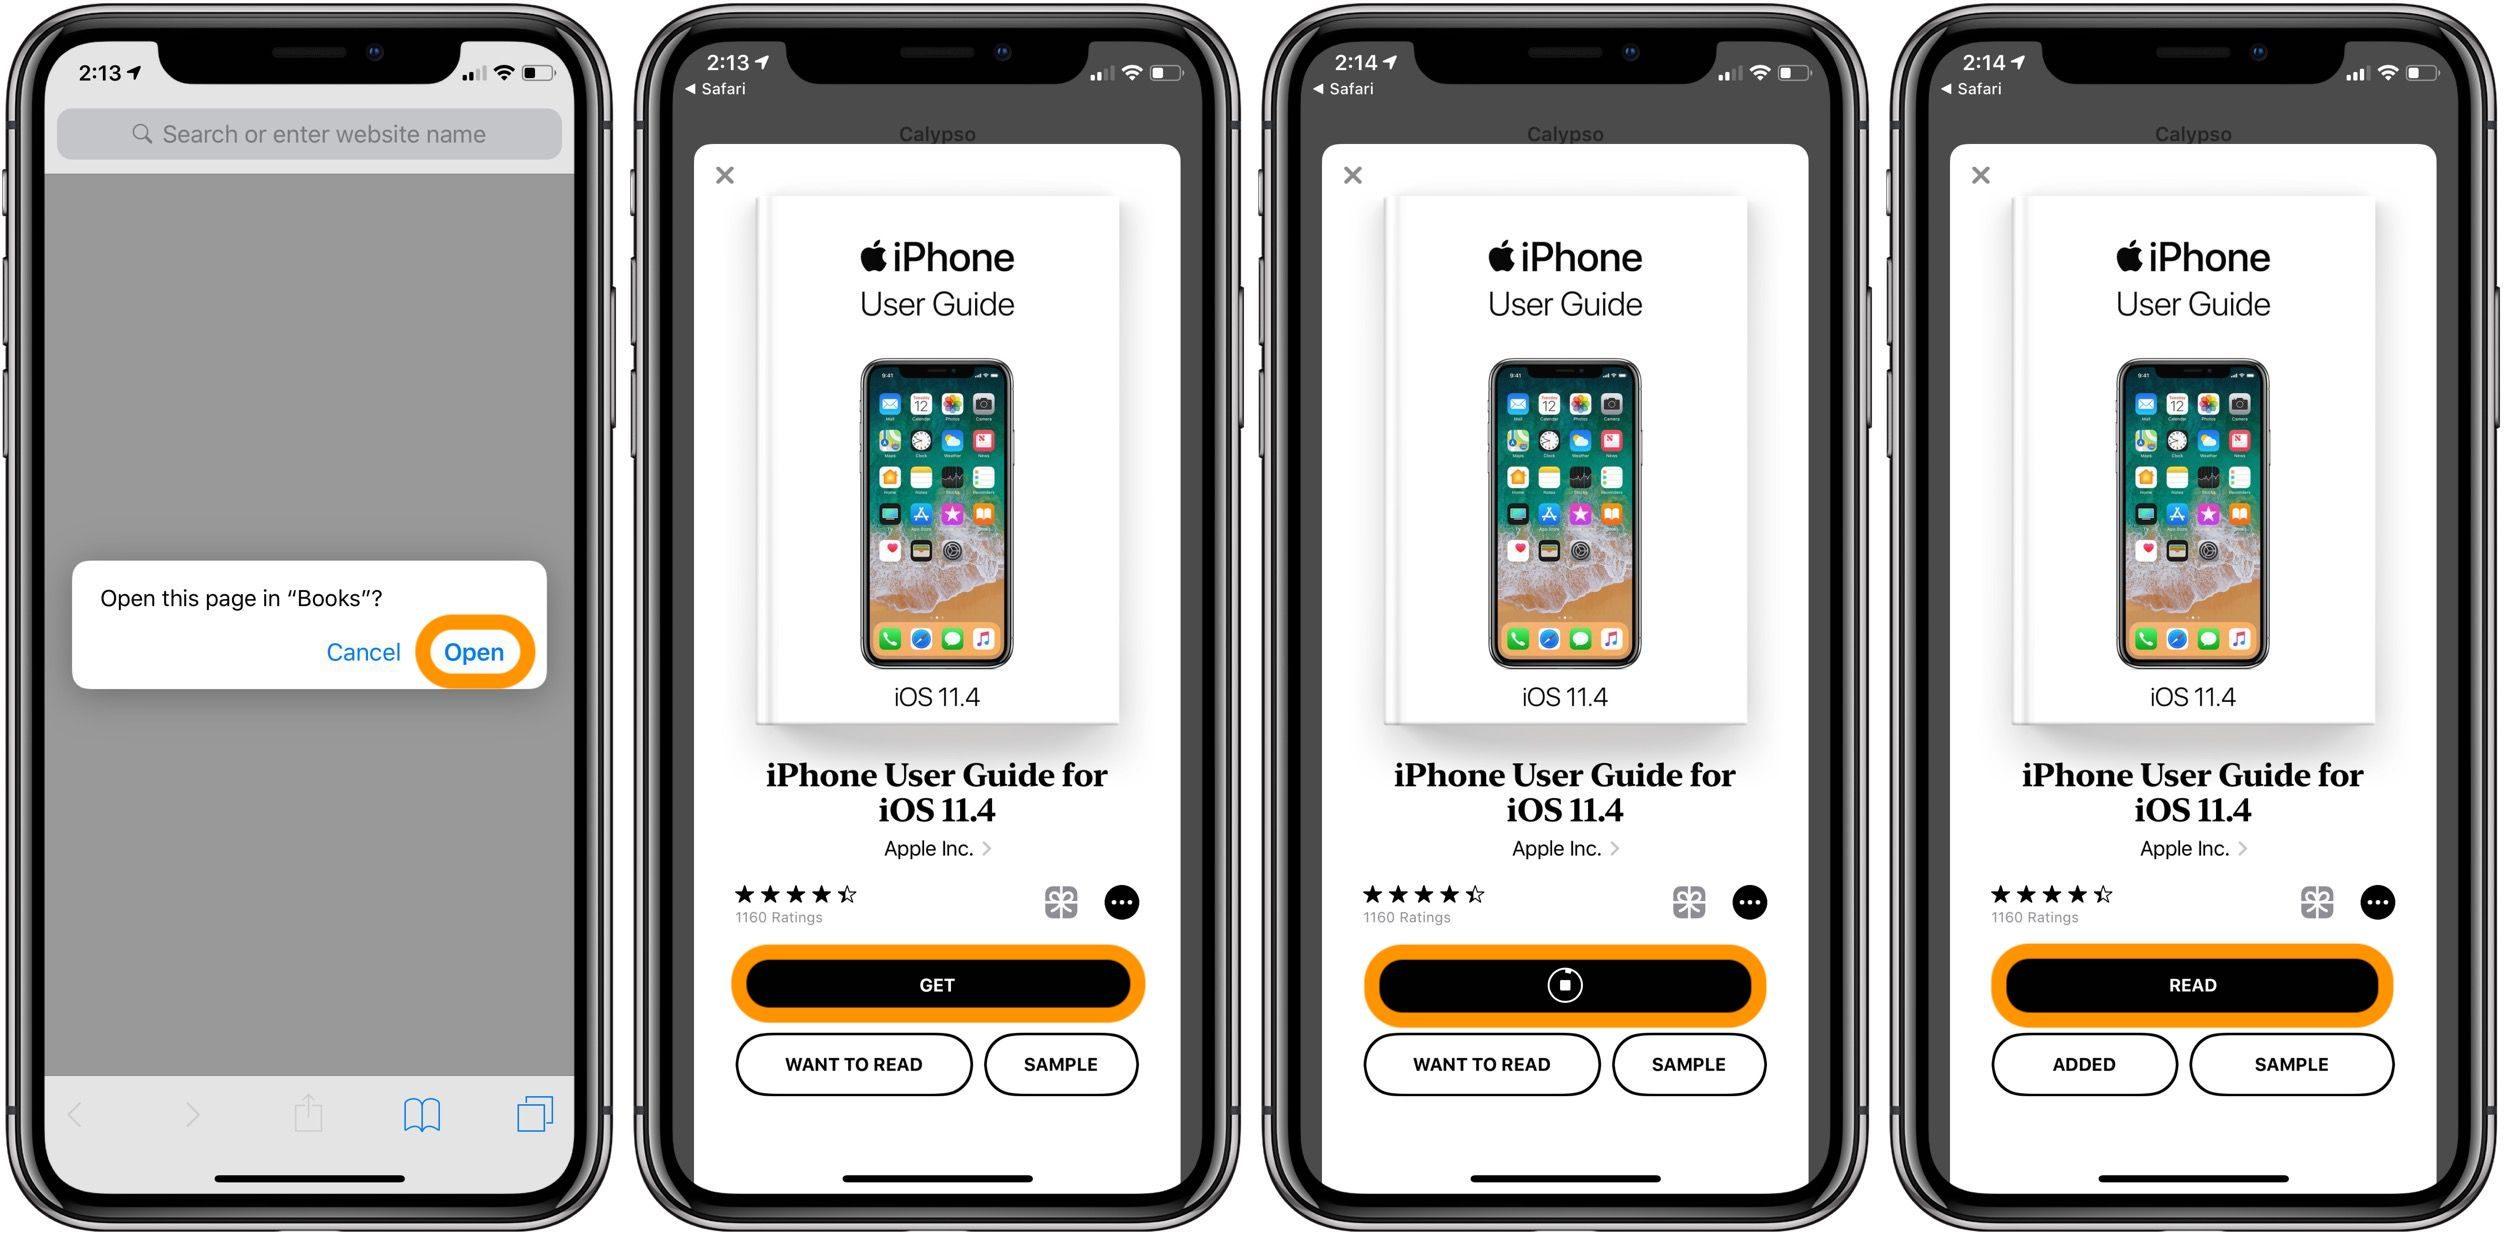 """<span href=""""https://9to5mac.com/2018/07/10/iphone-ipad-how-to-get-official-apple-user-guide-free/"""">iPhone & iPad: Cómo obtener el oficial de Apple guías de usuario gratis</a>"""